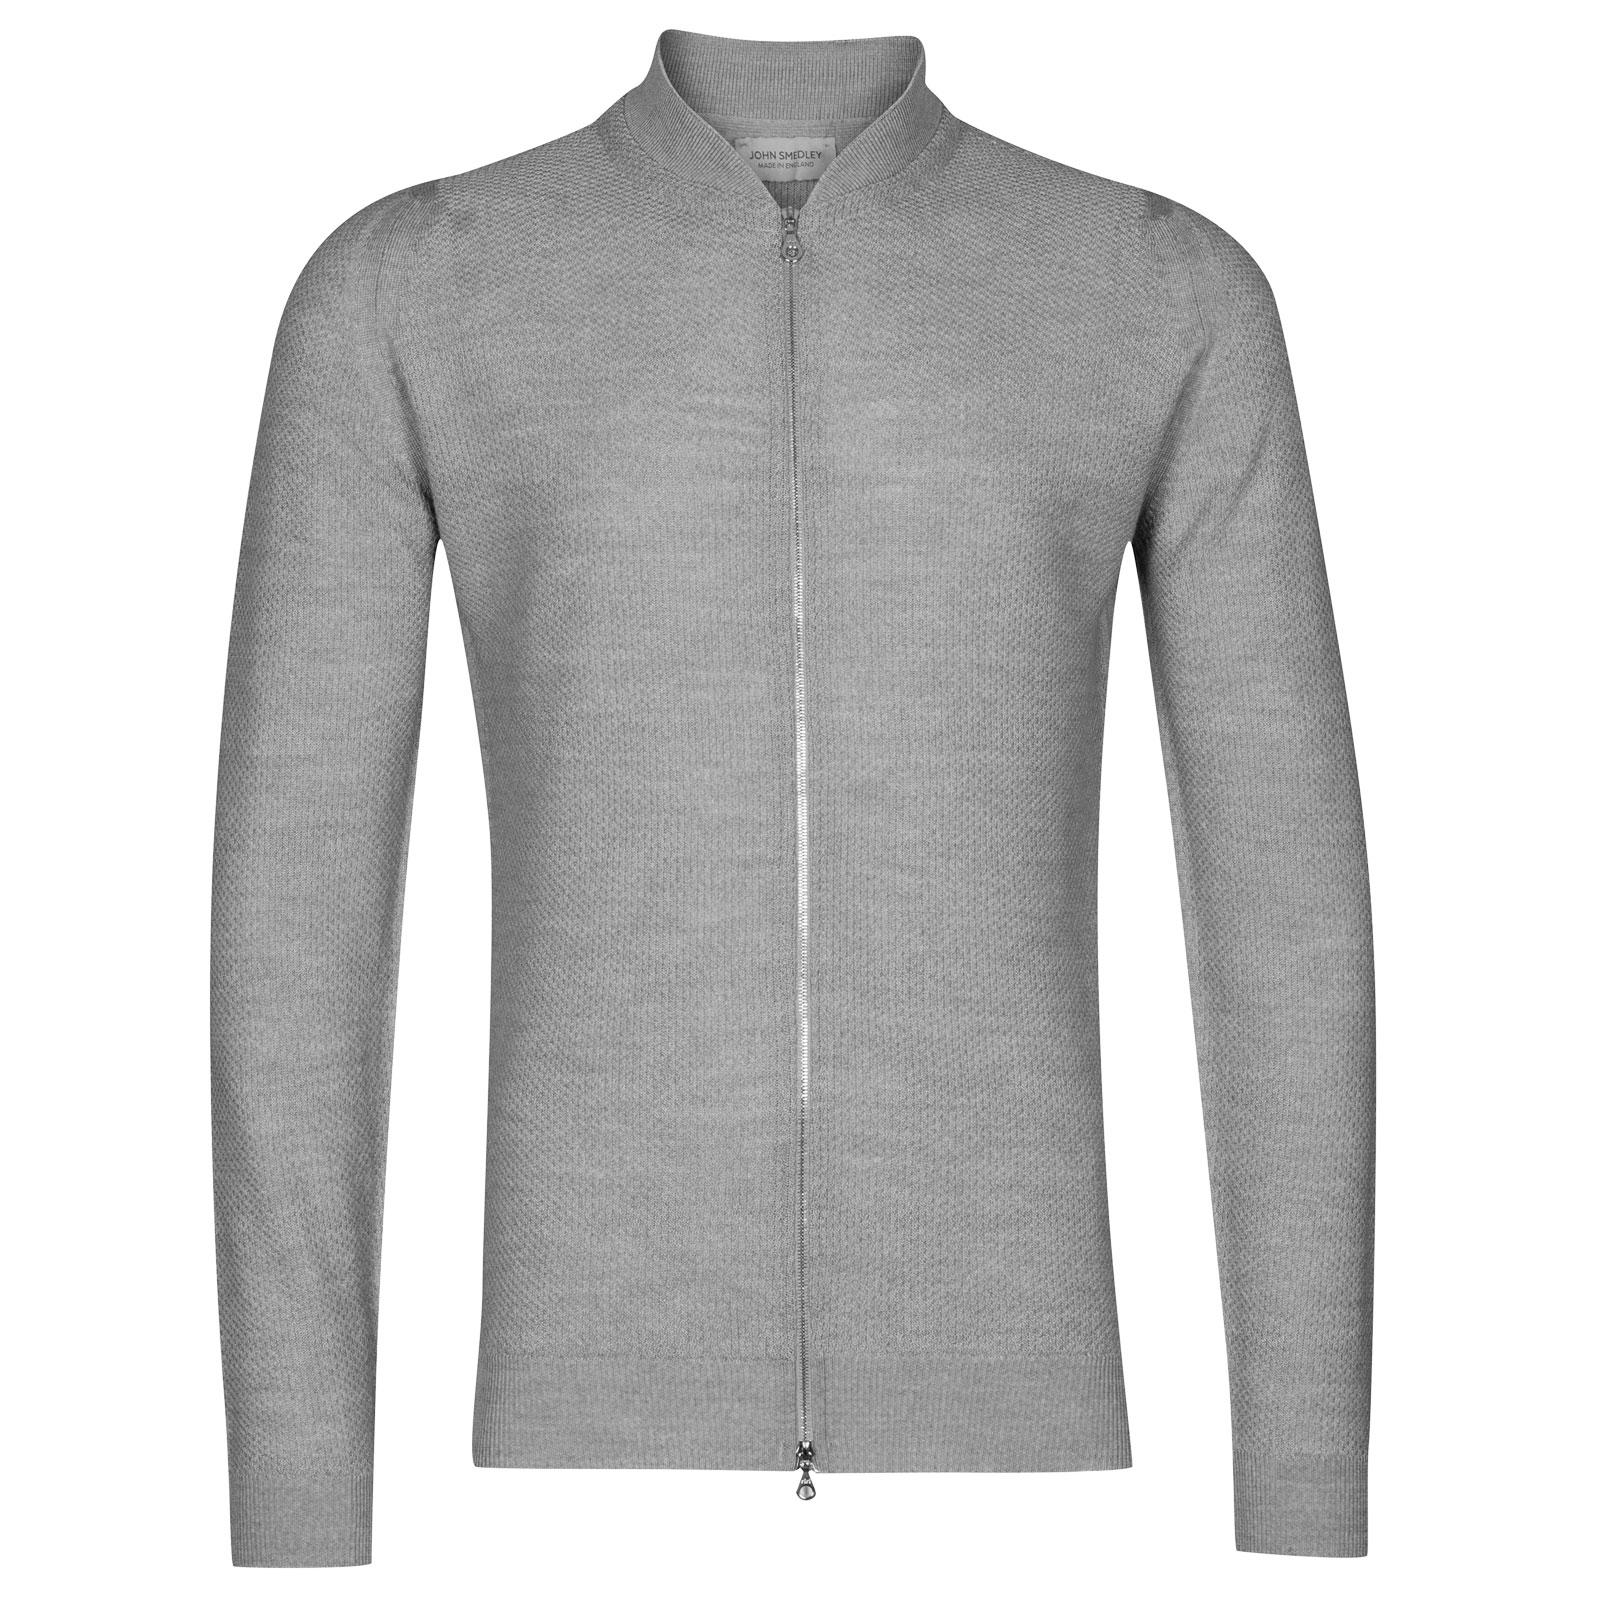 John Smedley 6Singular Merino Wool Jacket in Bardot Grey-XXL